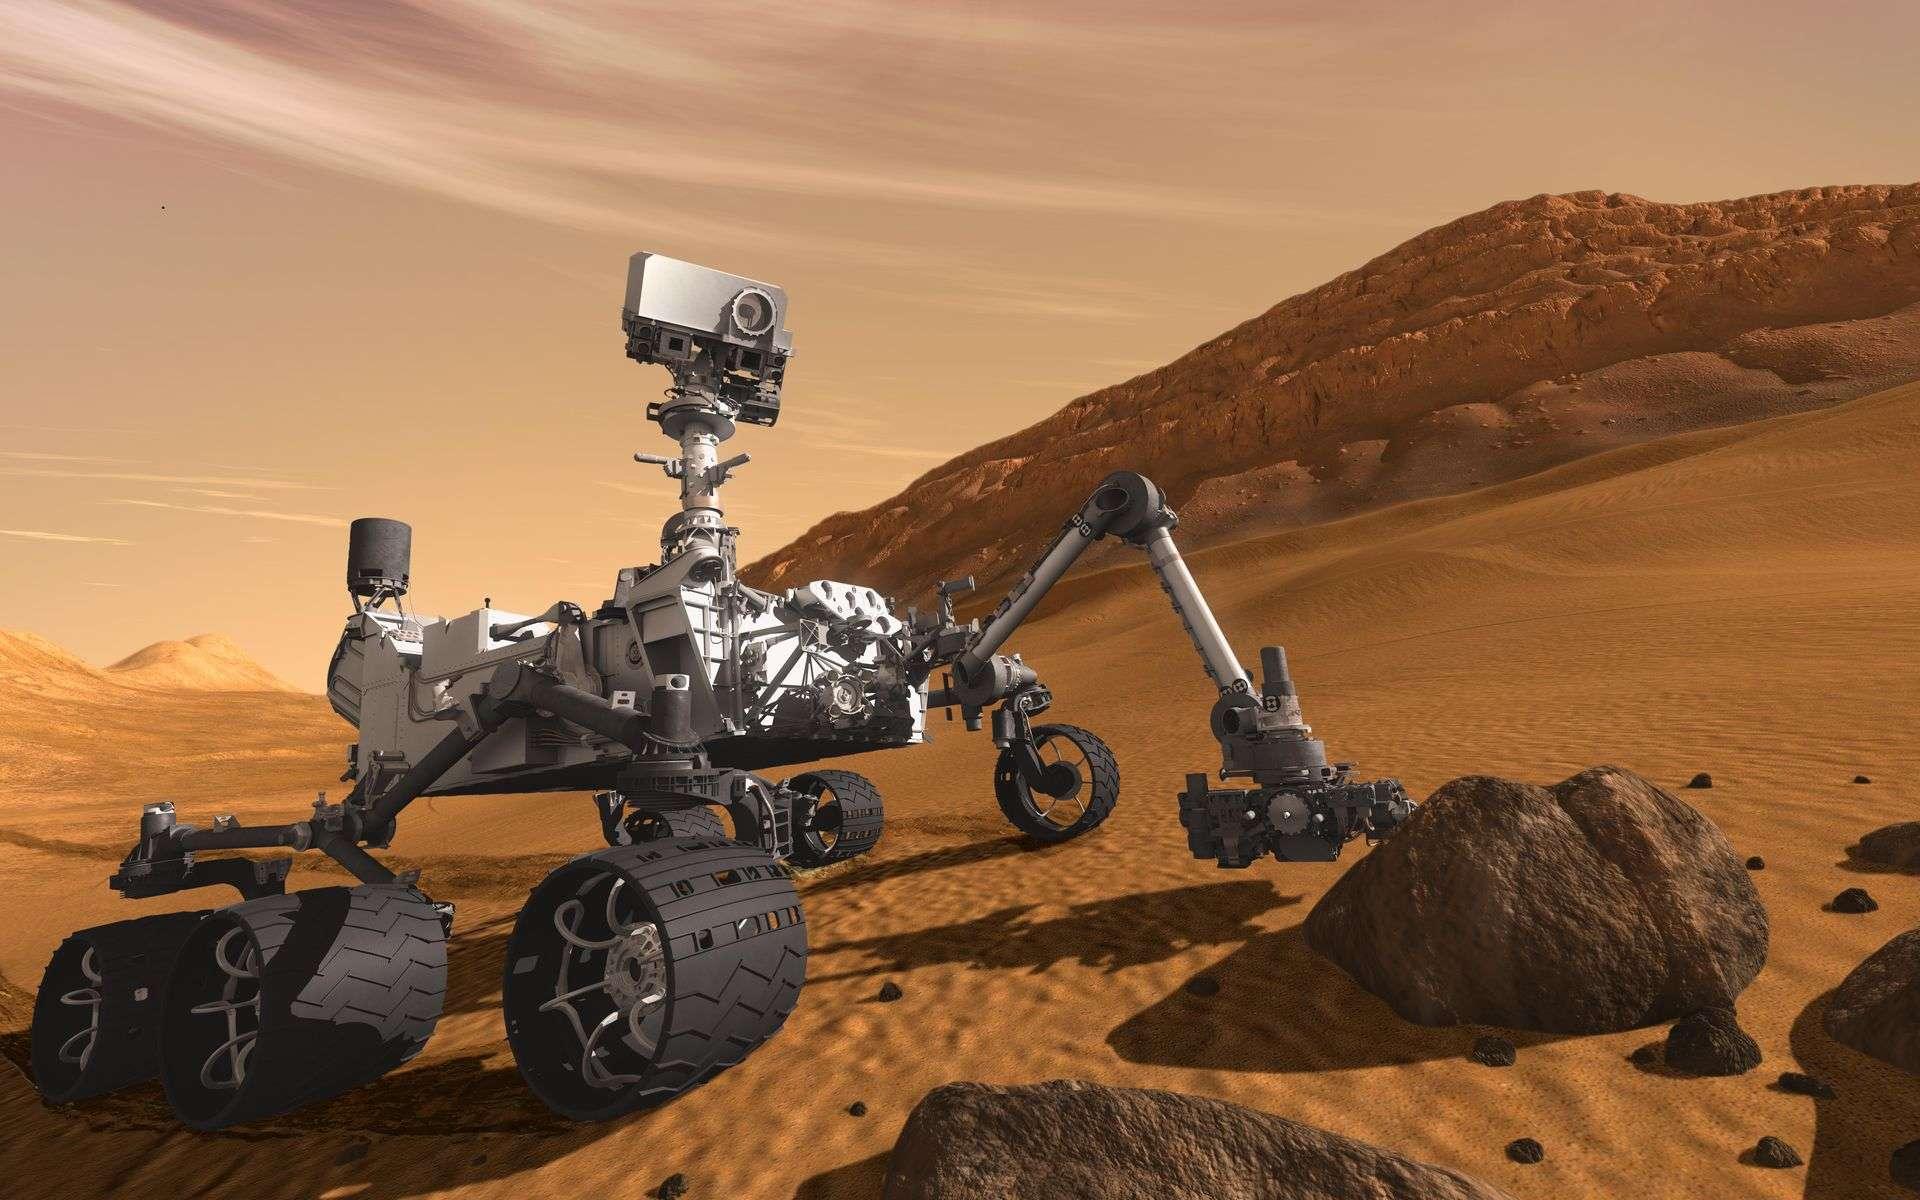 Le rover Curiosity, dessiné sur son terrain de chasse, dans le cratère Gale, où il travaille depuis maintenant cinq ans. © Nasa, JPL